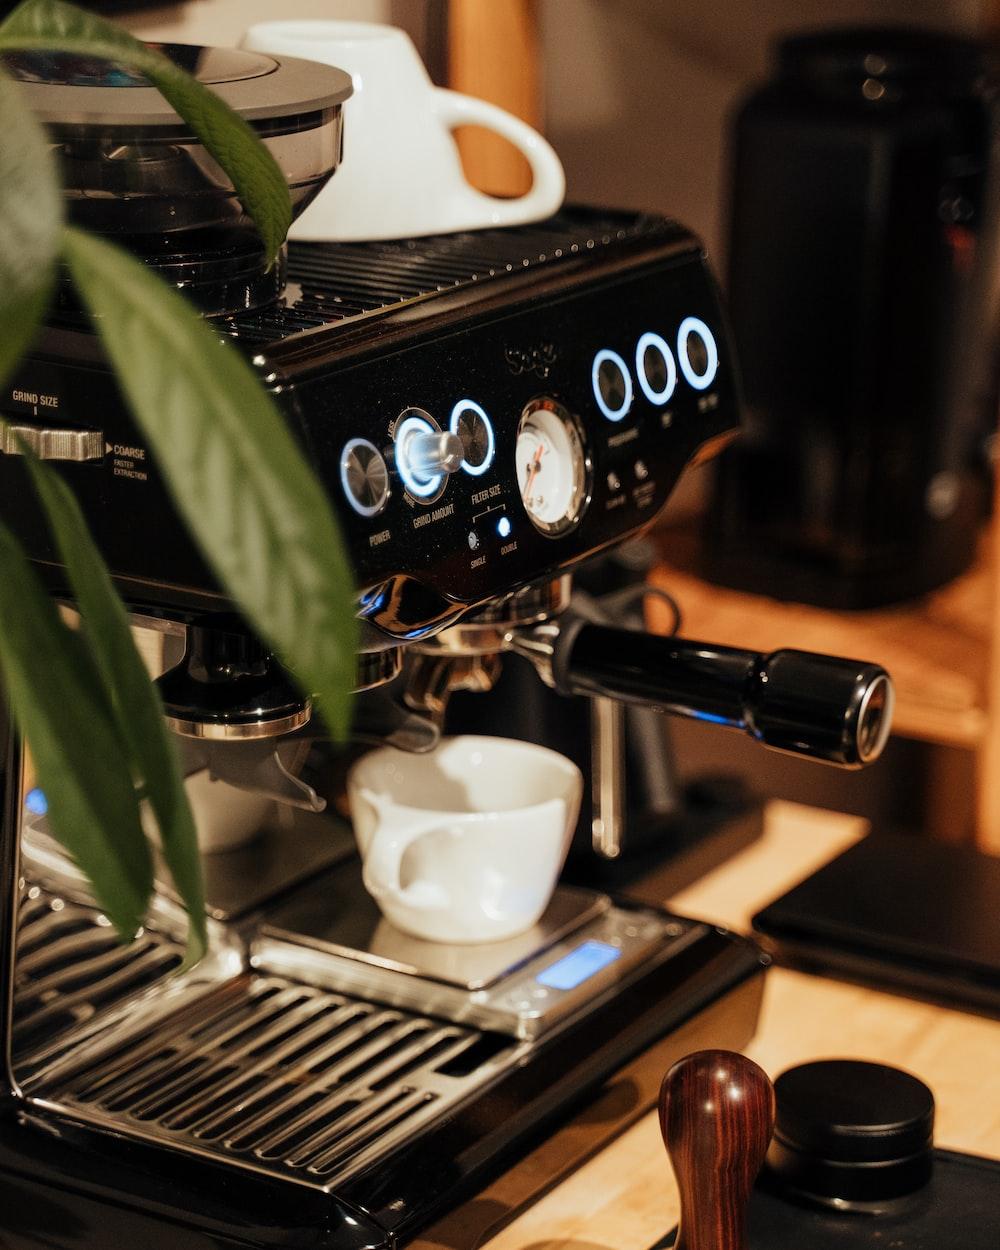 black and silver espresso machine